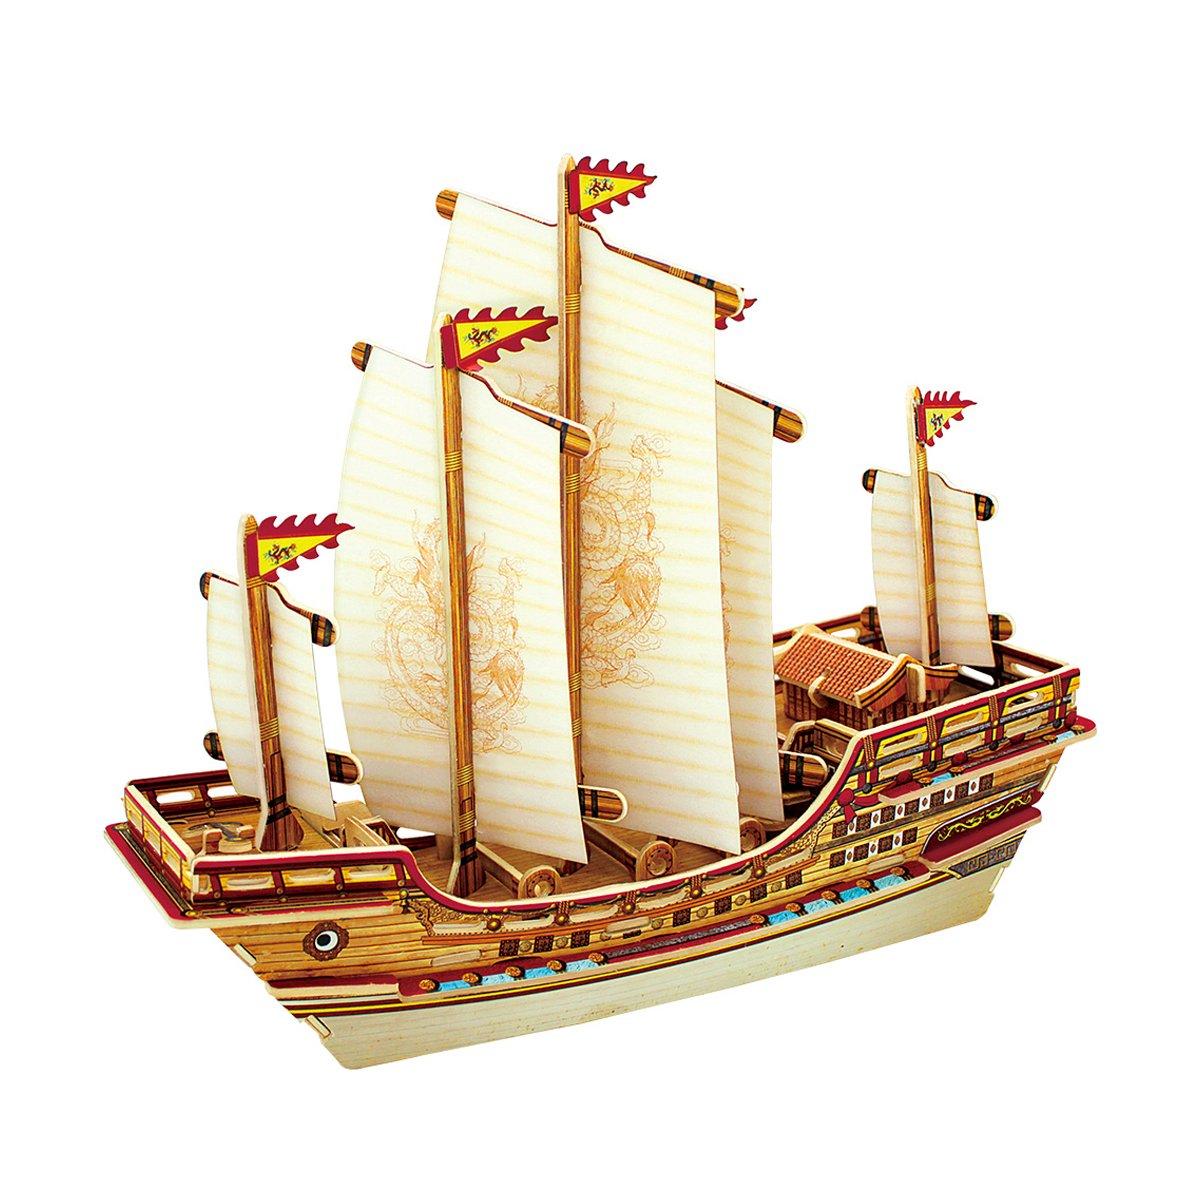 2019年新作 Robotime 3D立体パズル クラフト DIY ミニチュア 子供 木製 船 66pcs B06W55J79T クラフト 子供 おもちゃ 手作りキット B06W55J79T, 柏市:2755a1f2 --- a0267596.xsph.ru